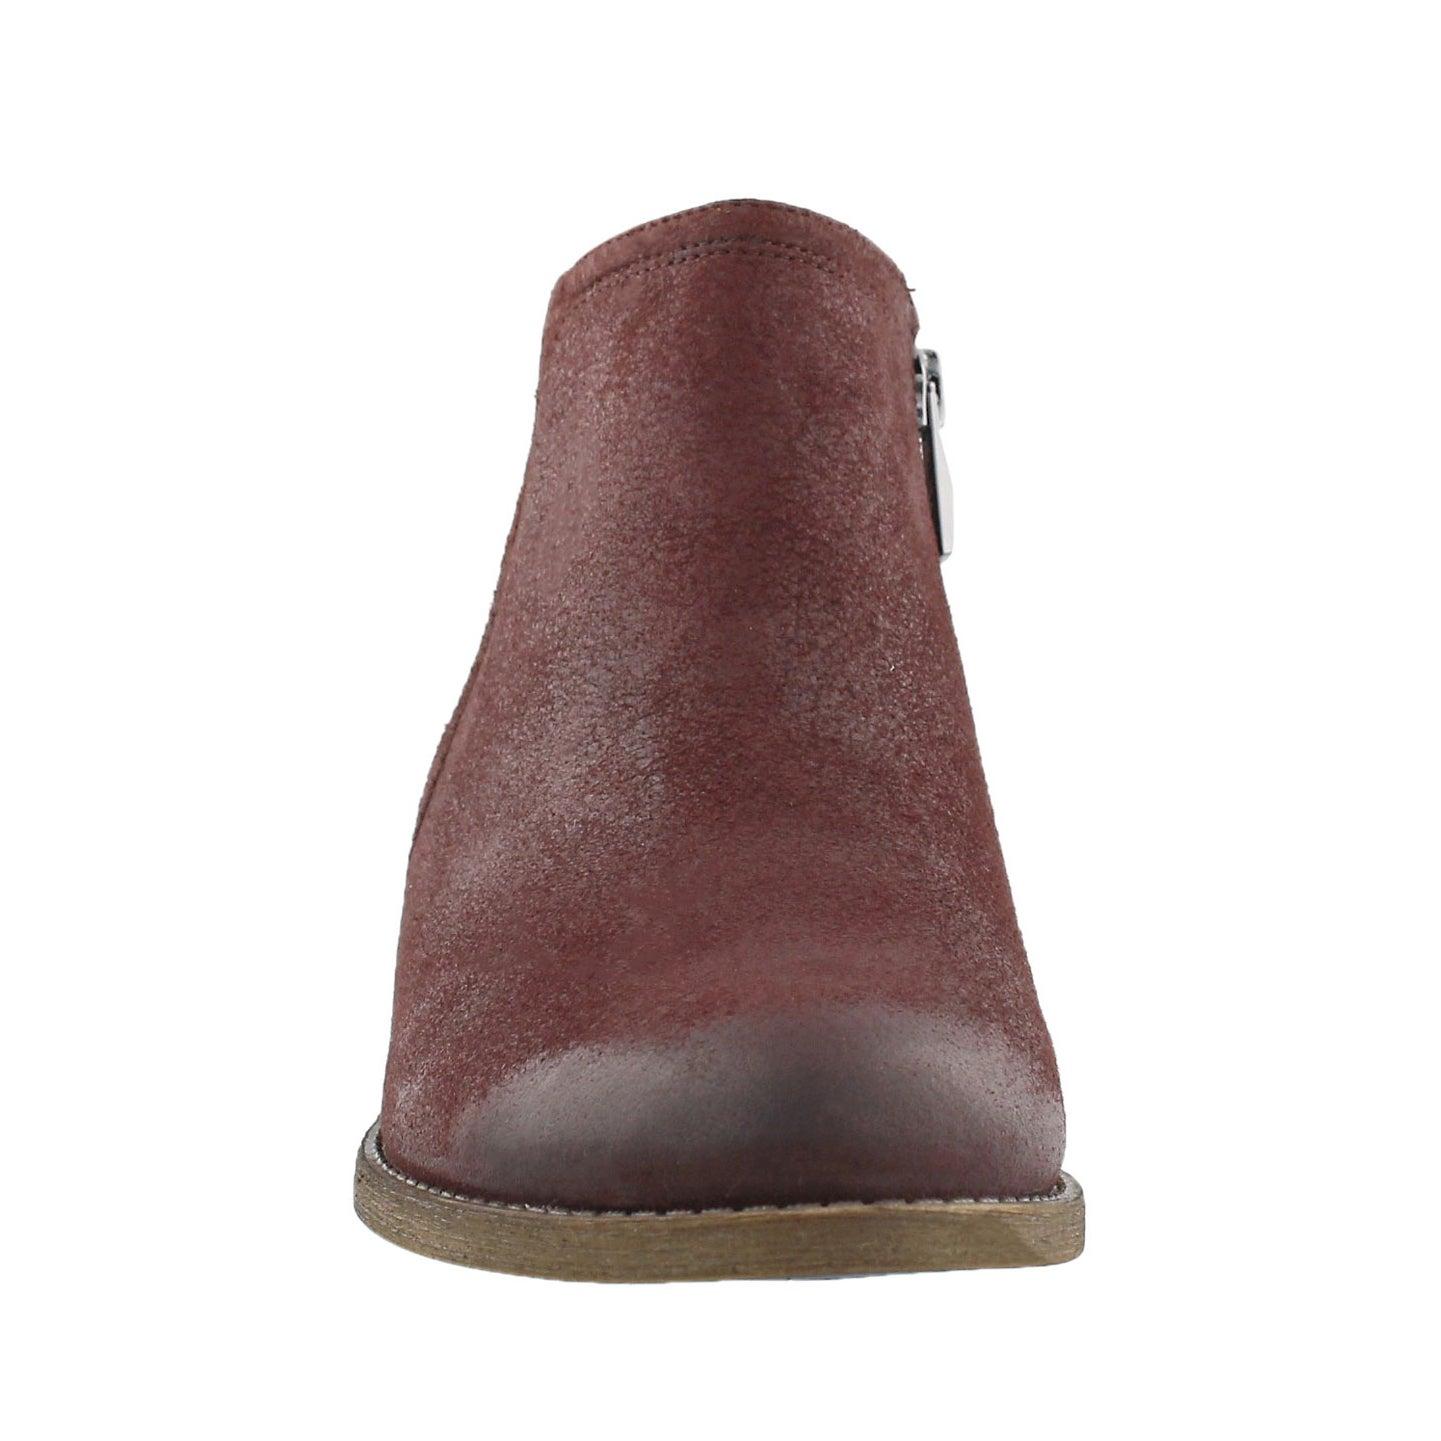 Lds Hancock brunello slip on ankle boot